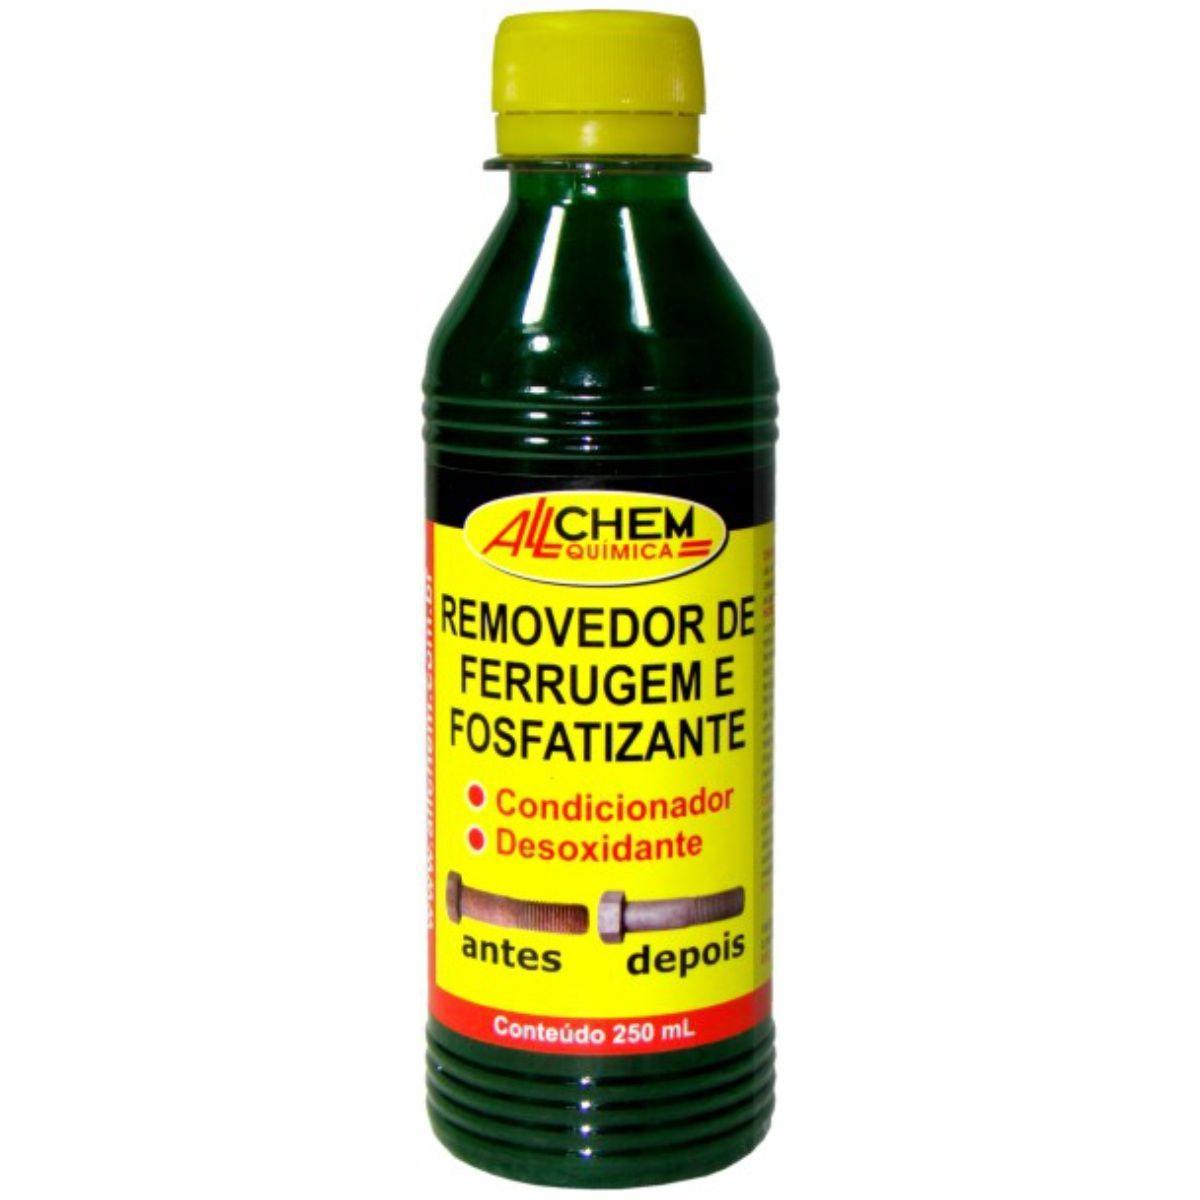 Removedor de Ferrugem e Fosfatizante 12x250 mL